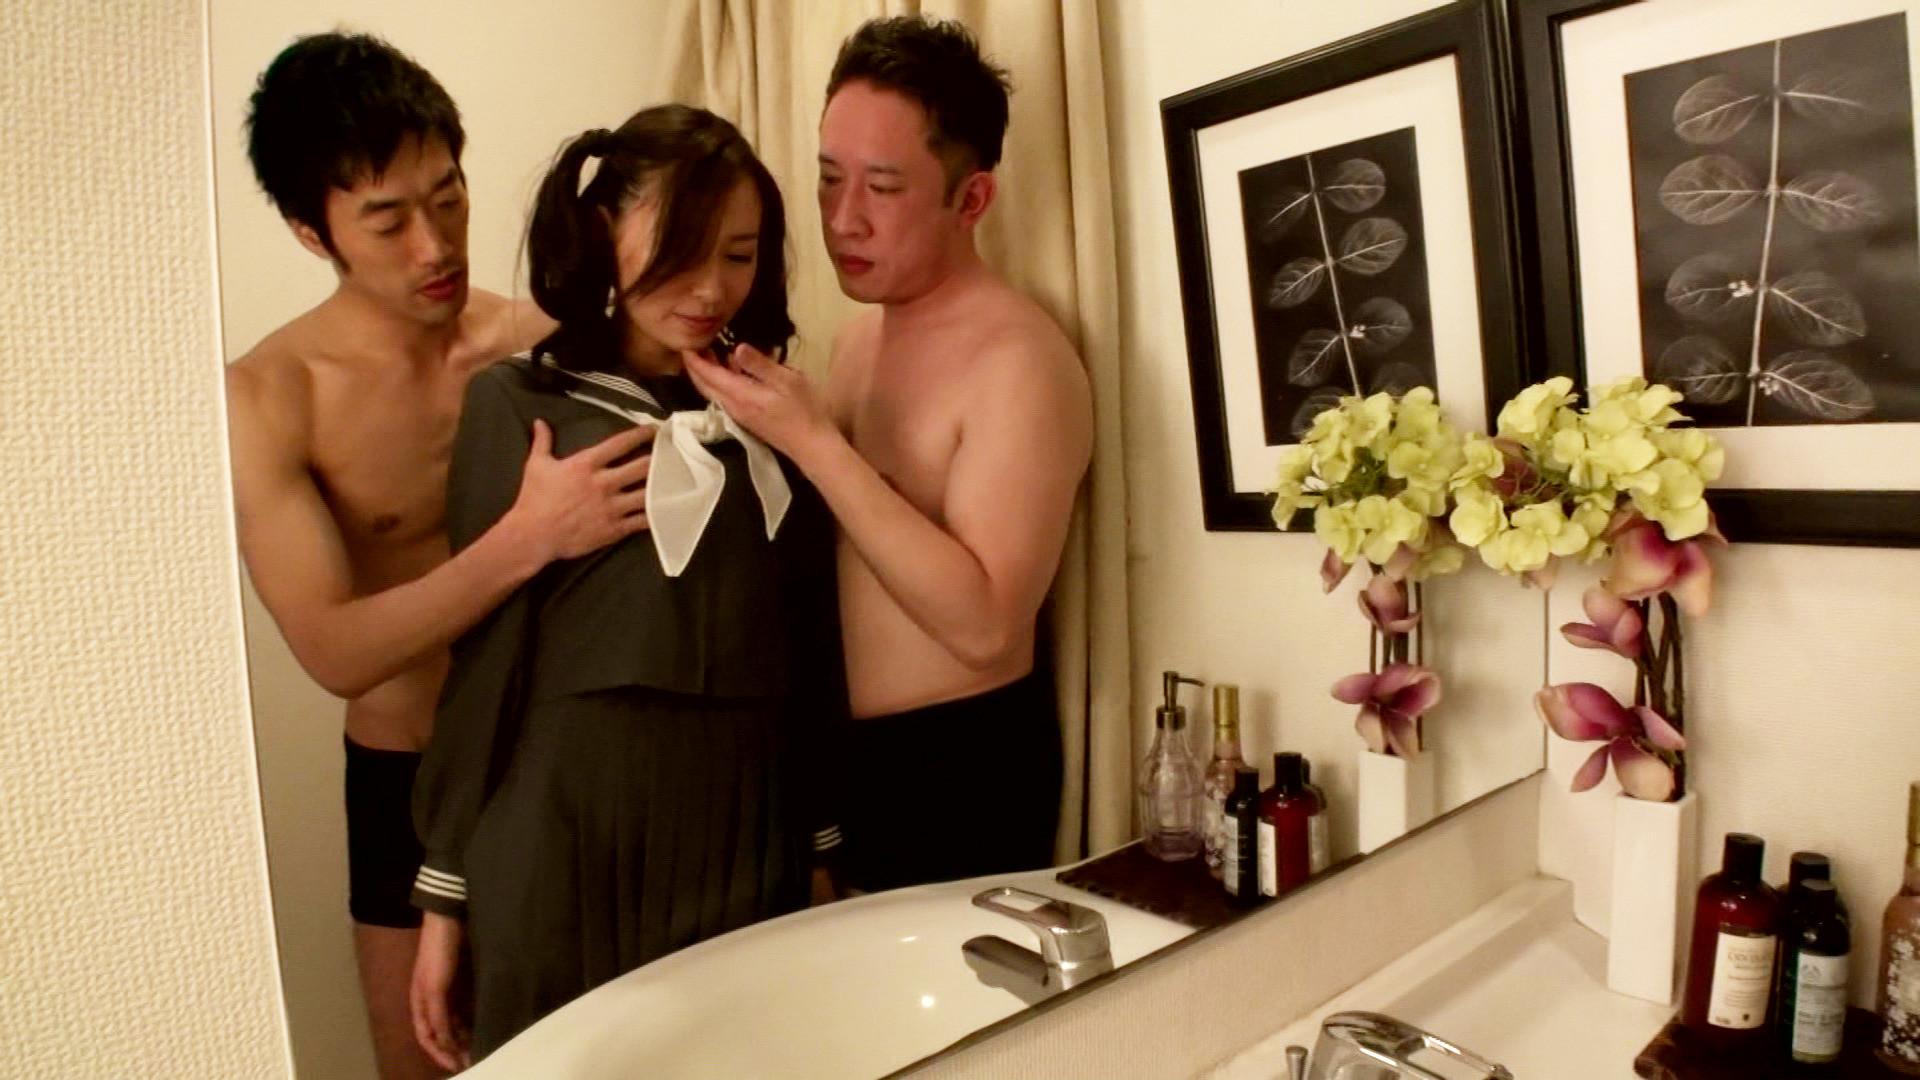 セーラー服を着せられた美熟女が手マンで潮吹き絶頂して顔面に大量男汁をぶっかけられる!